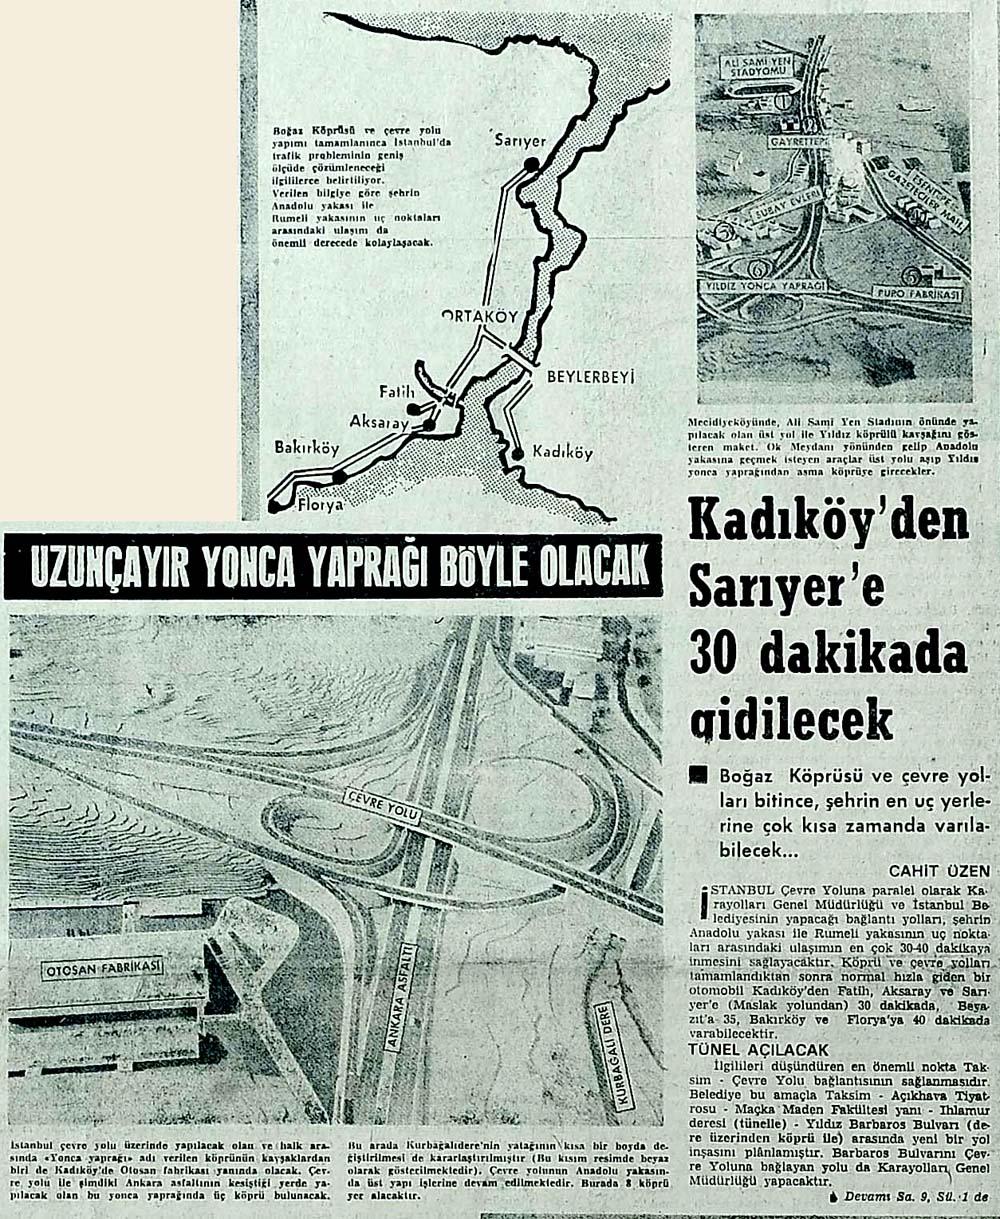 Kadıköy'den Sarıyer'e 30 dakikada gidilecek